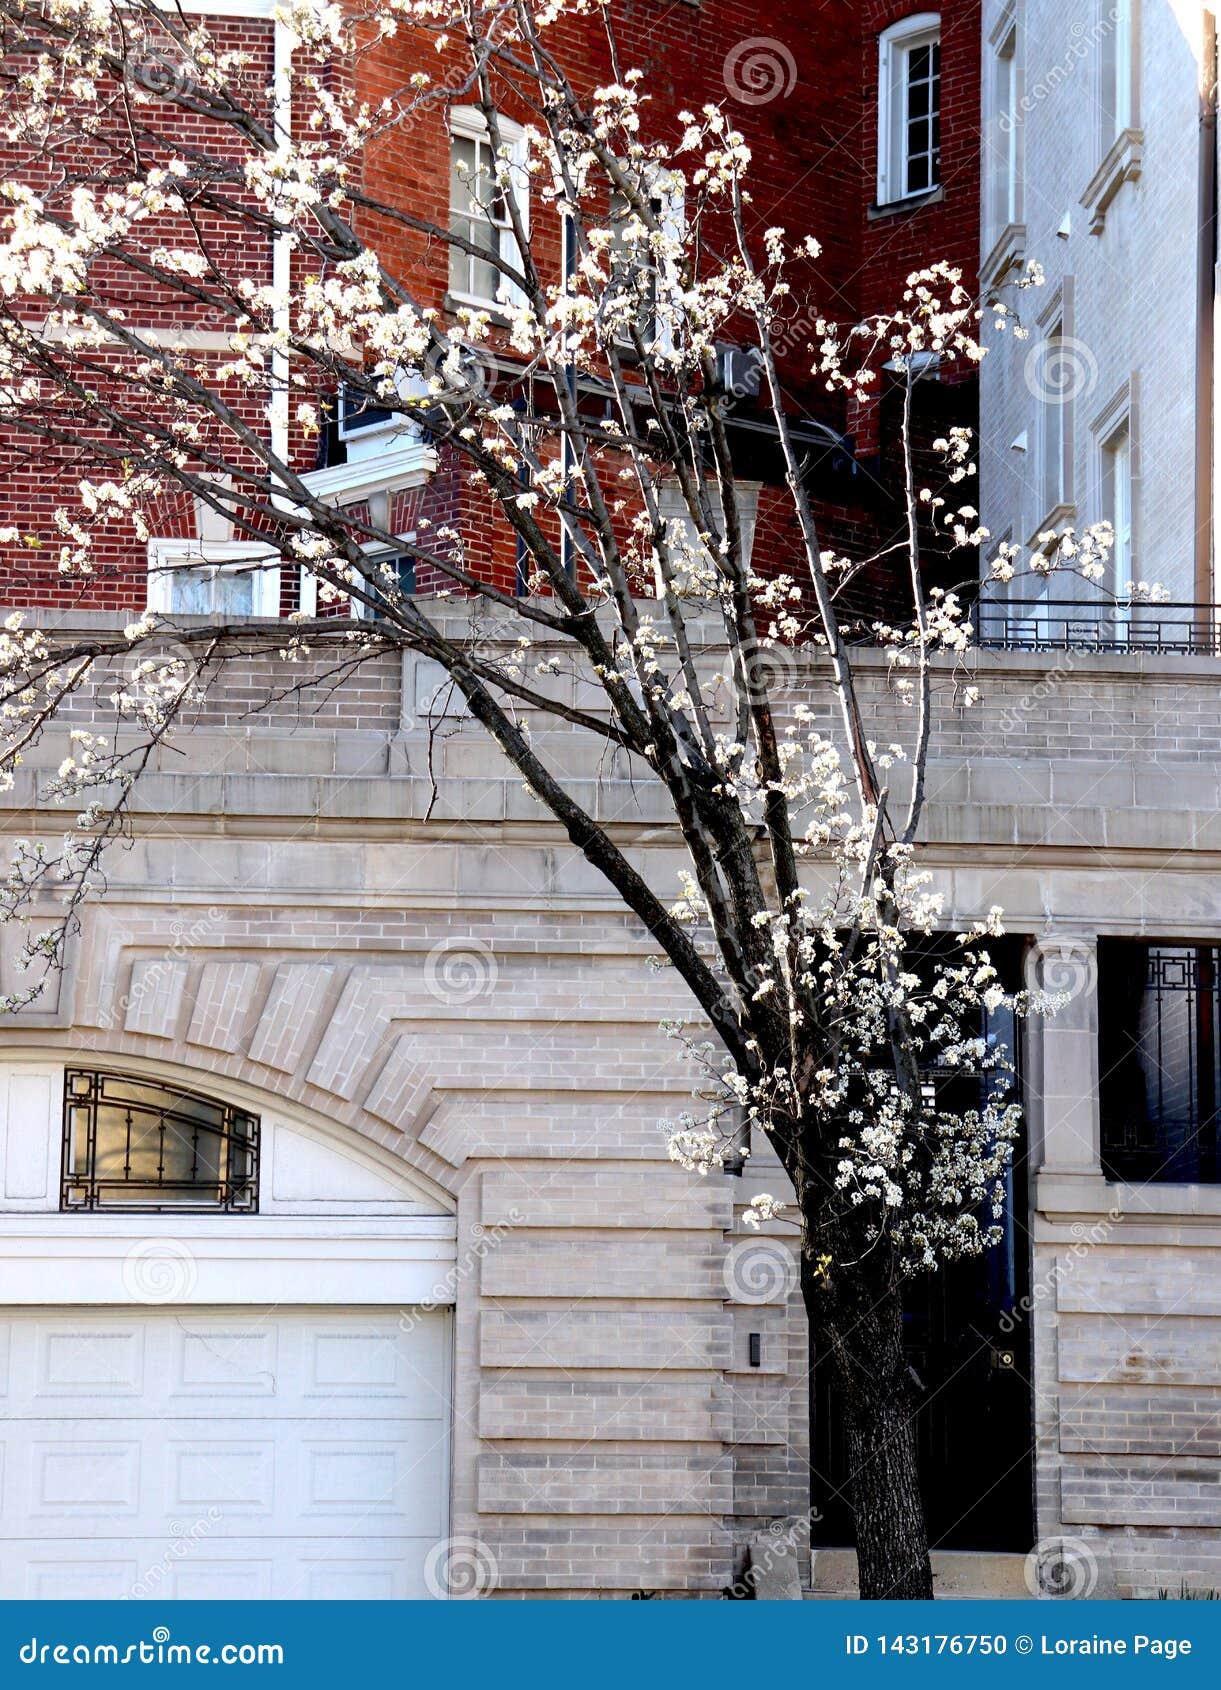 Die Niederlassungen, die heraus keimen, haben weiße Blüten